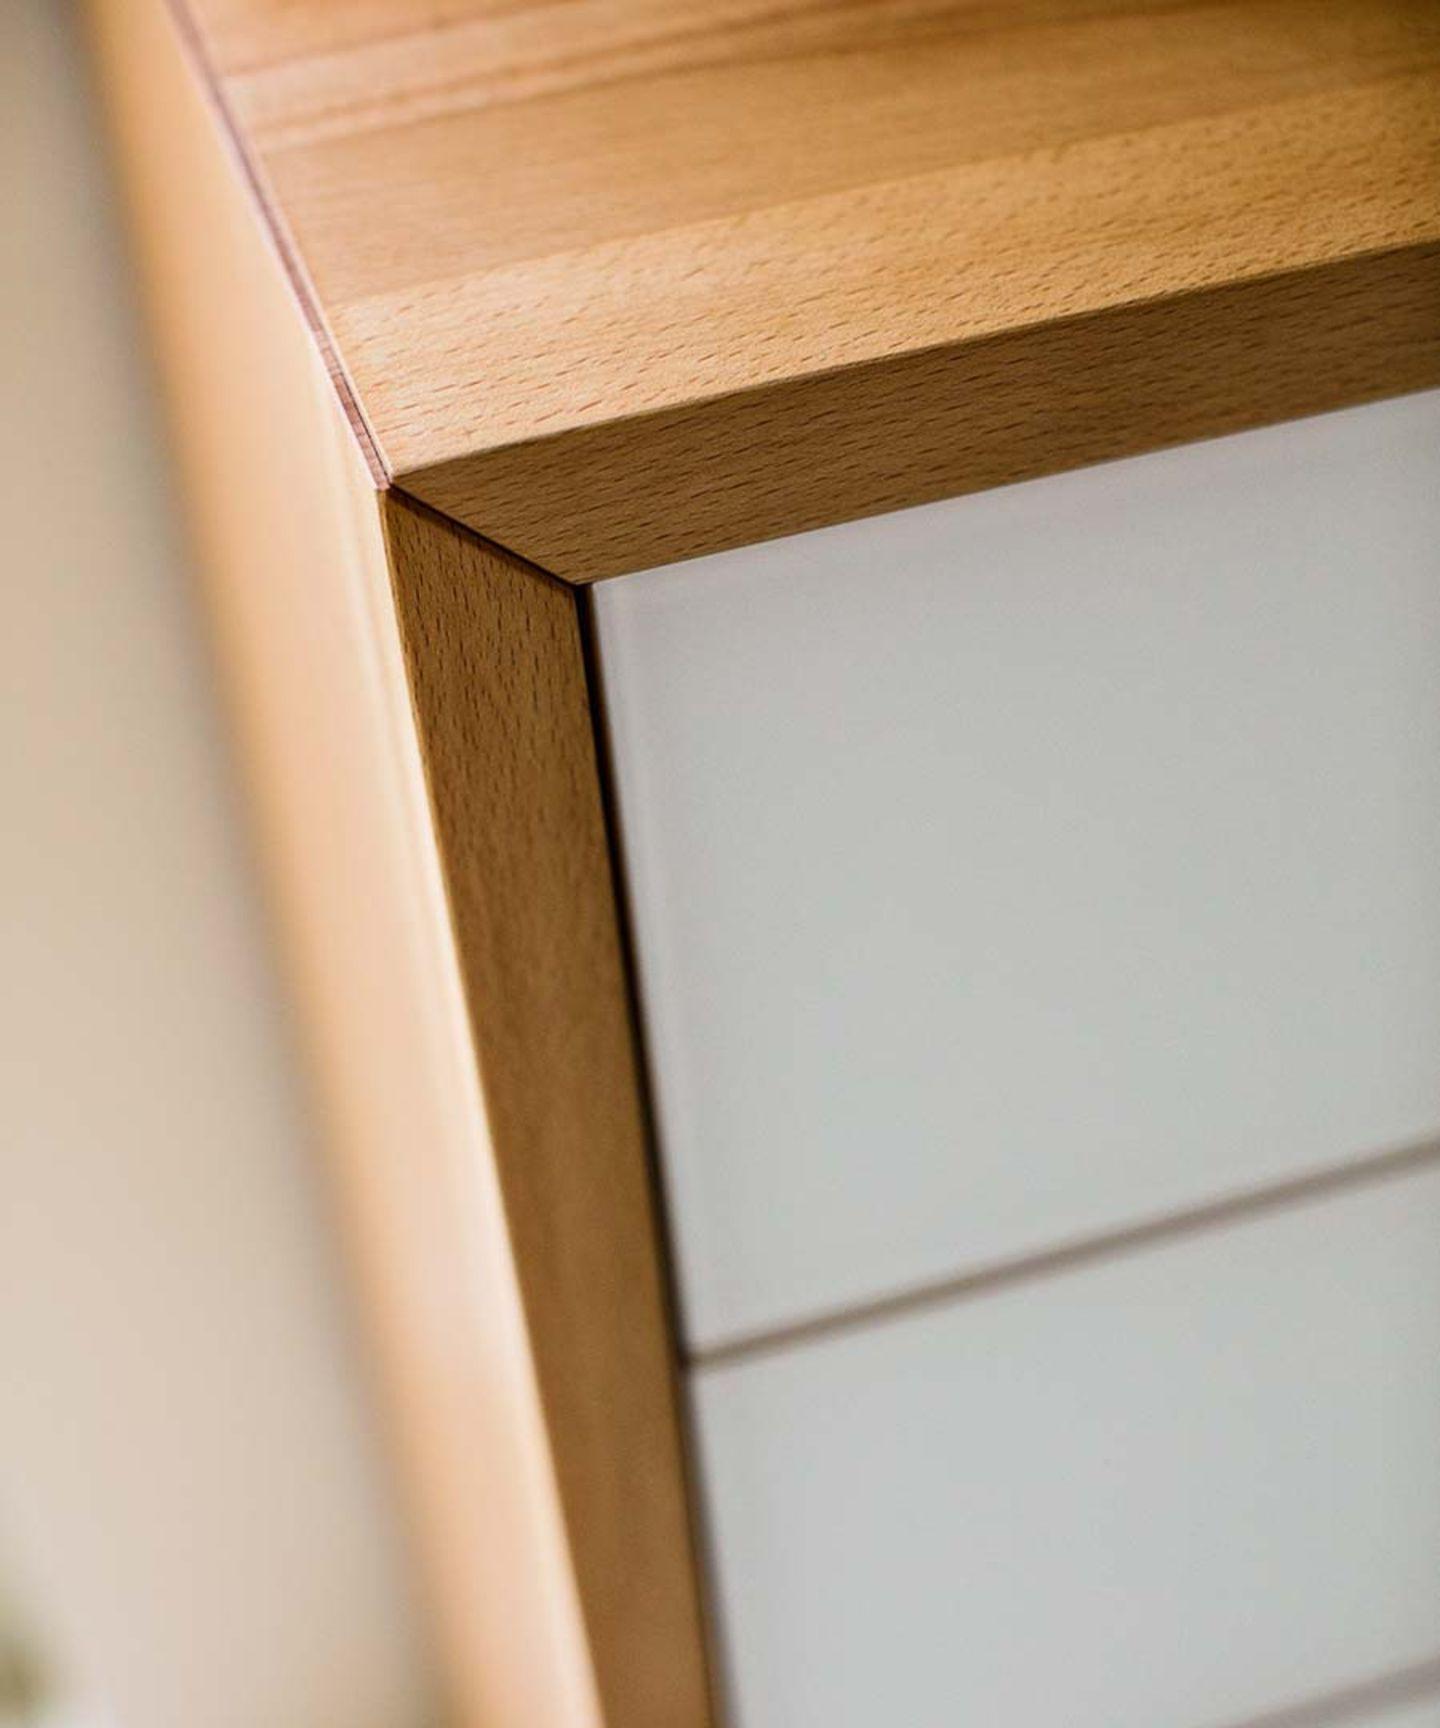 Meuble d'appoint en bois massif lunetto avec raccord d'angle